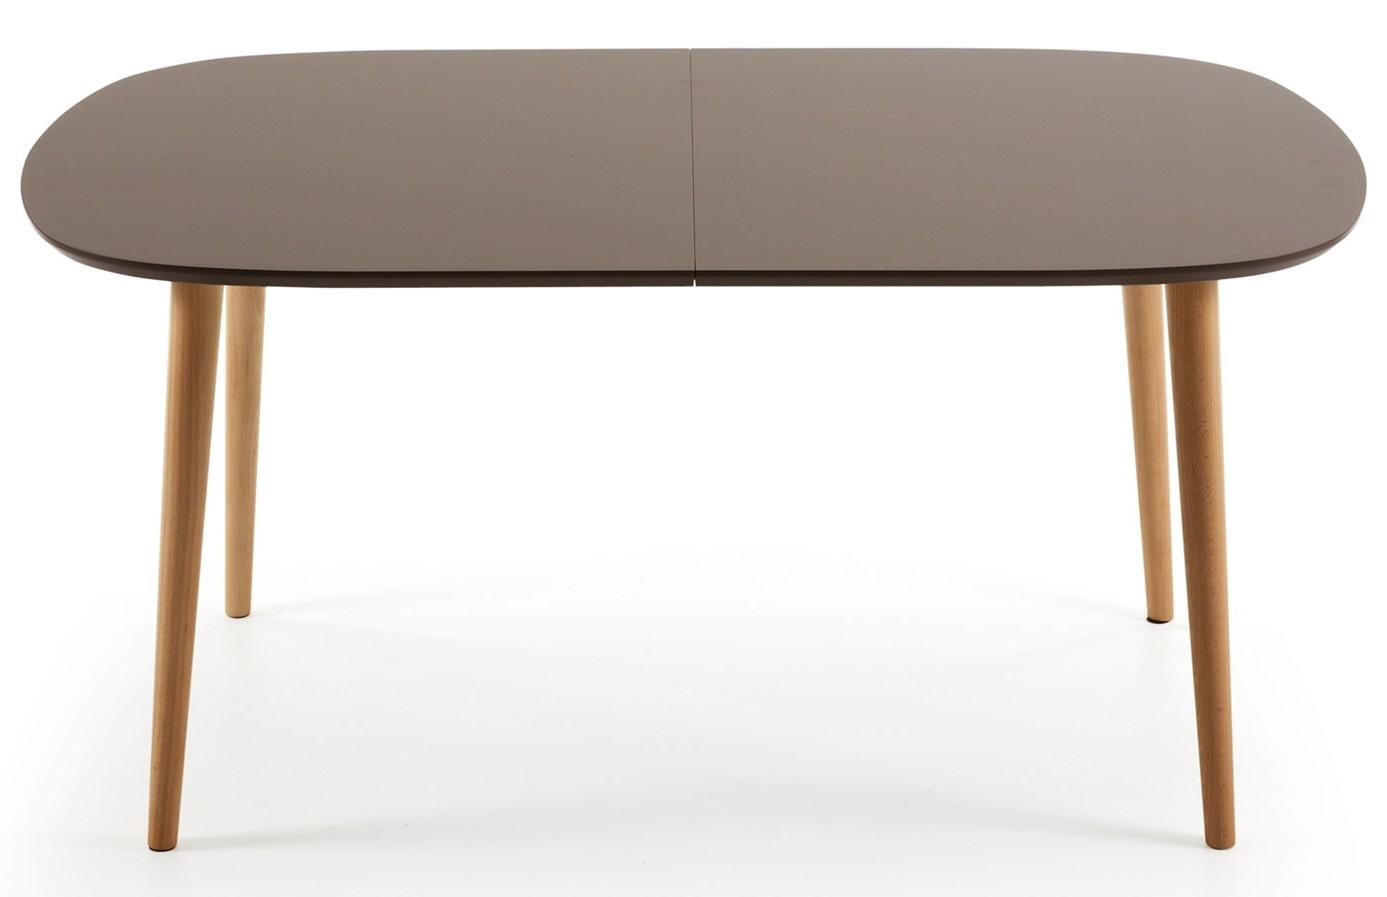 Uitschuifbare Eettafel 160 Cm.Uitschuifbare Eettafel Cm Msnoel Com